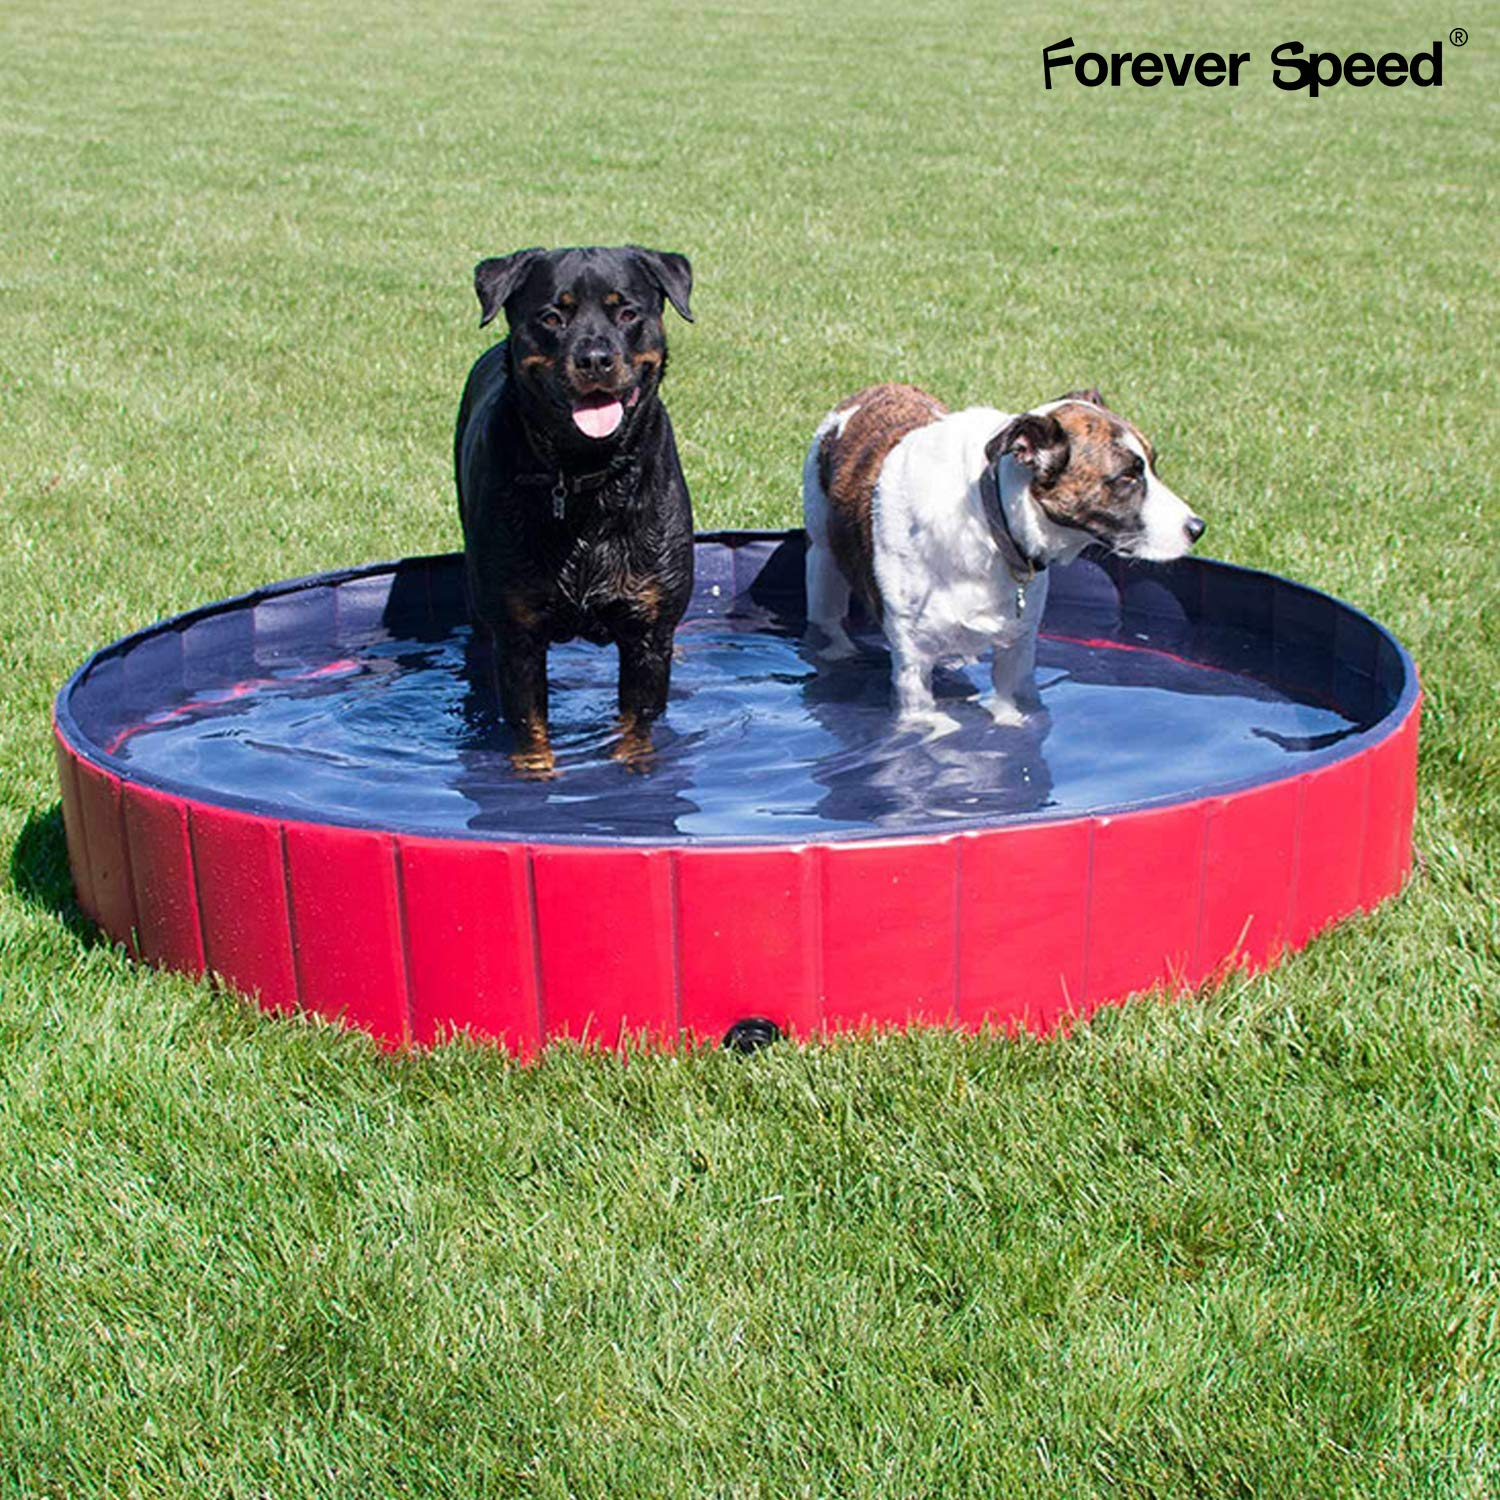 Forever Speed Piscina per Cani per Animali Portatile Pieghevole Piscina in PVC Rosso 160x30cm